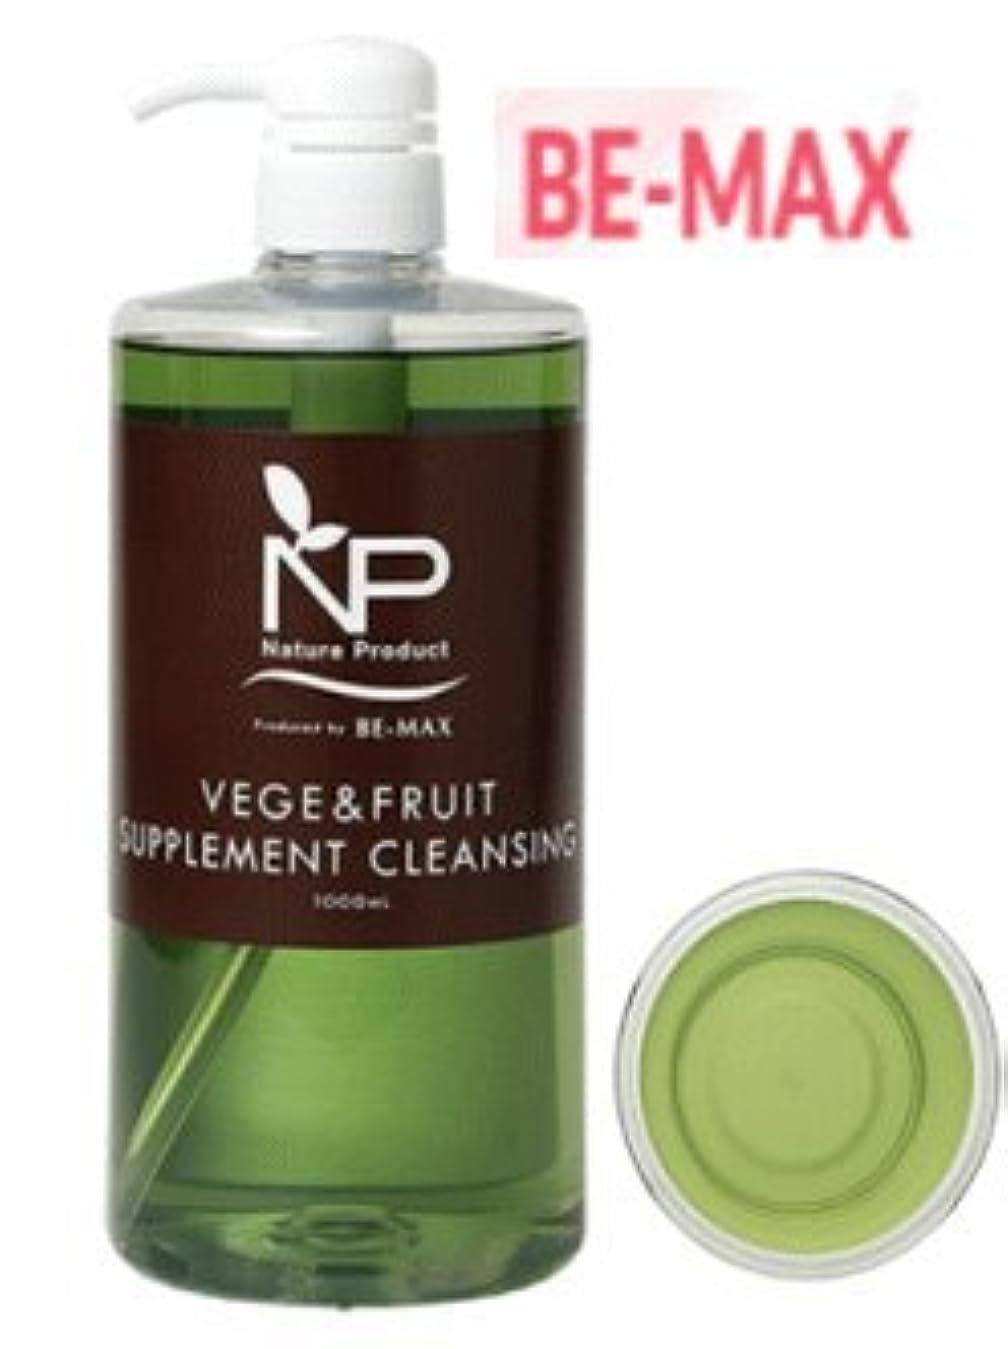 農学セットアップロッドBE-MAX NP VEGE & FRUIT SUPPLEMENT CLEANSING (ビーマックス エヌピー ベジ&フルーツ サプリメントクレンジング)1000mL×2本セット